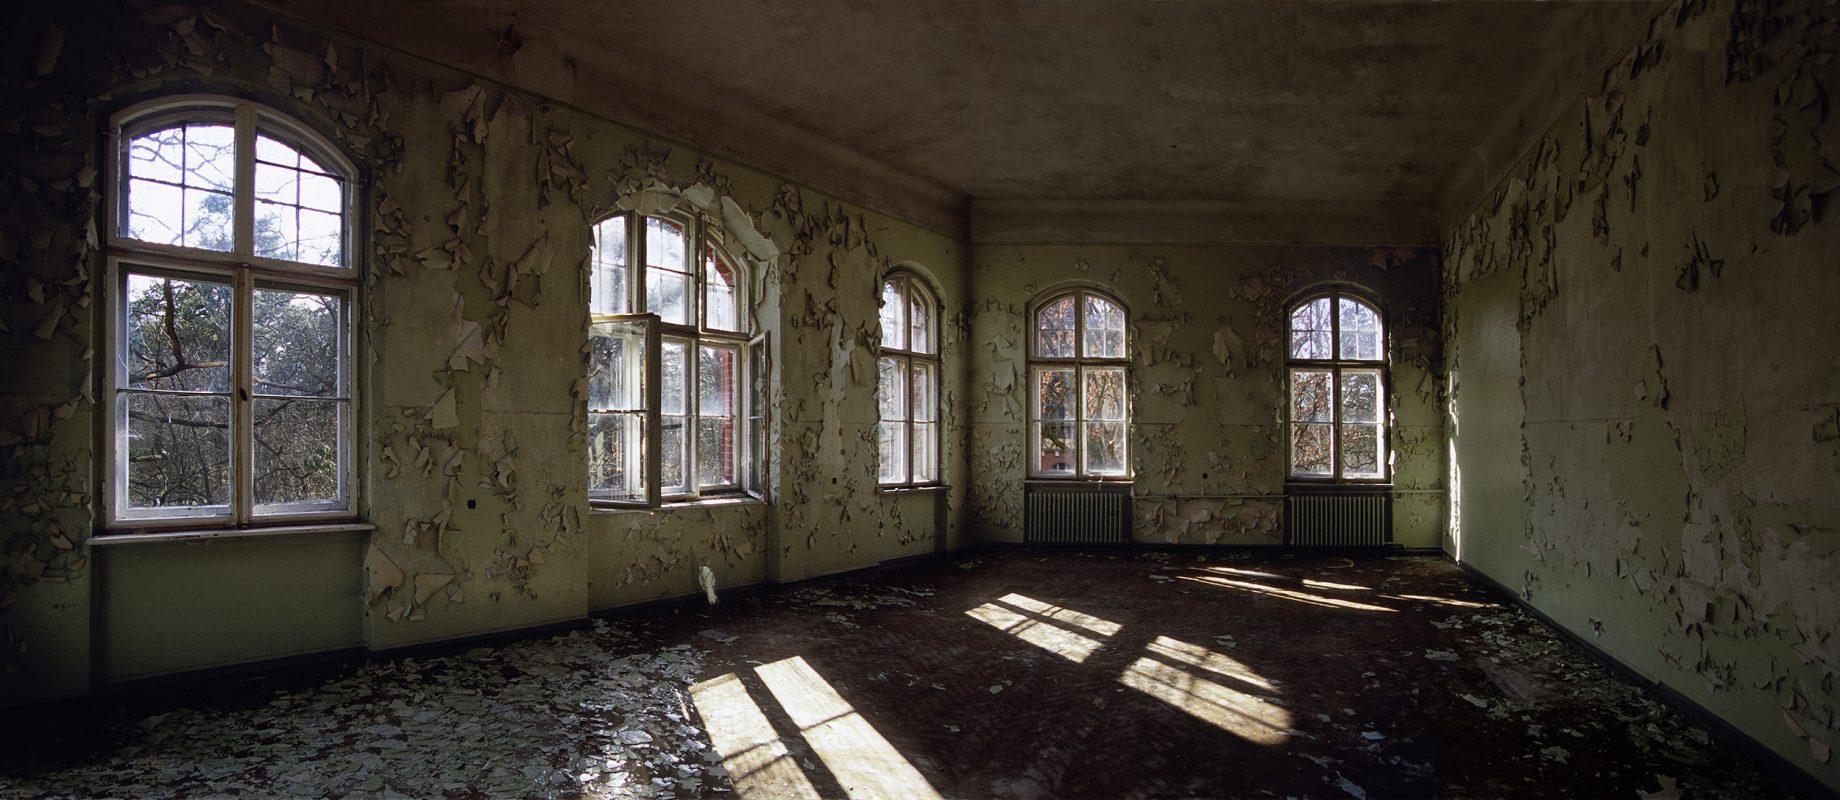 Beelitz-Heilstätten, fensterraum